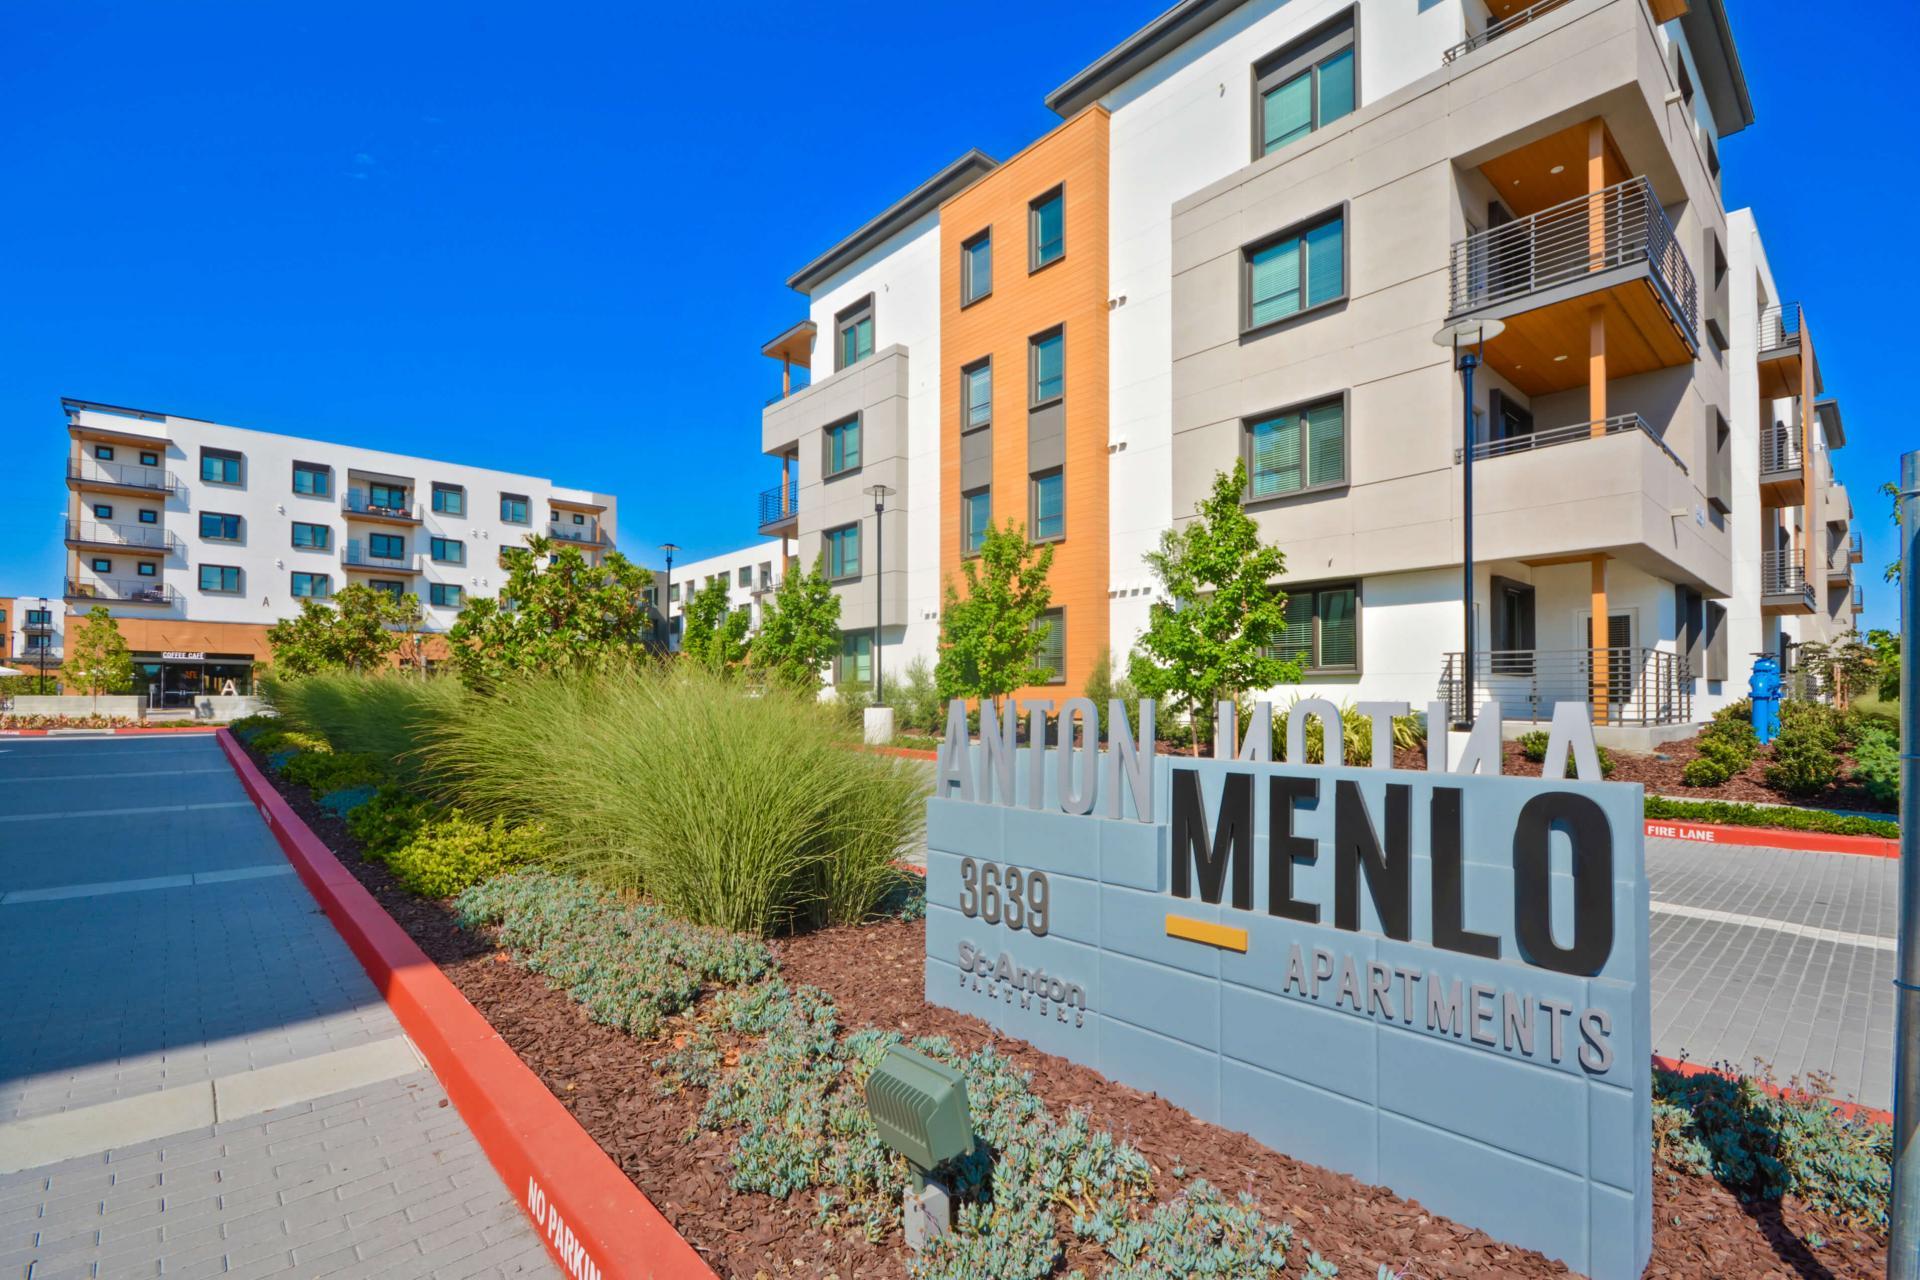 Entrance at Anton Menlo Apartments, Friendly Acres, Menlo Park